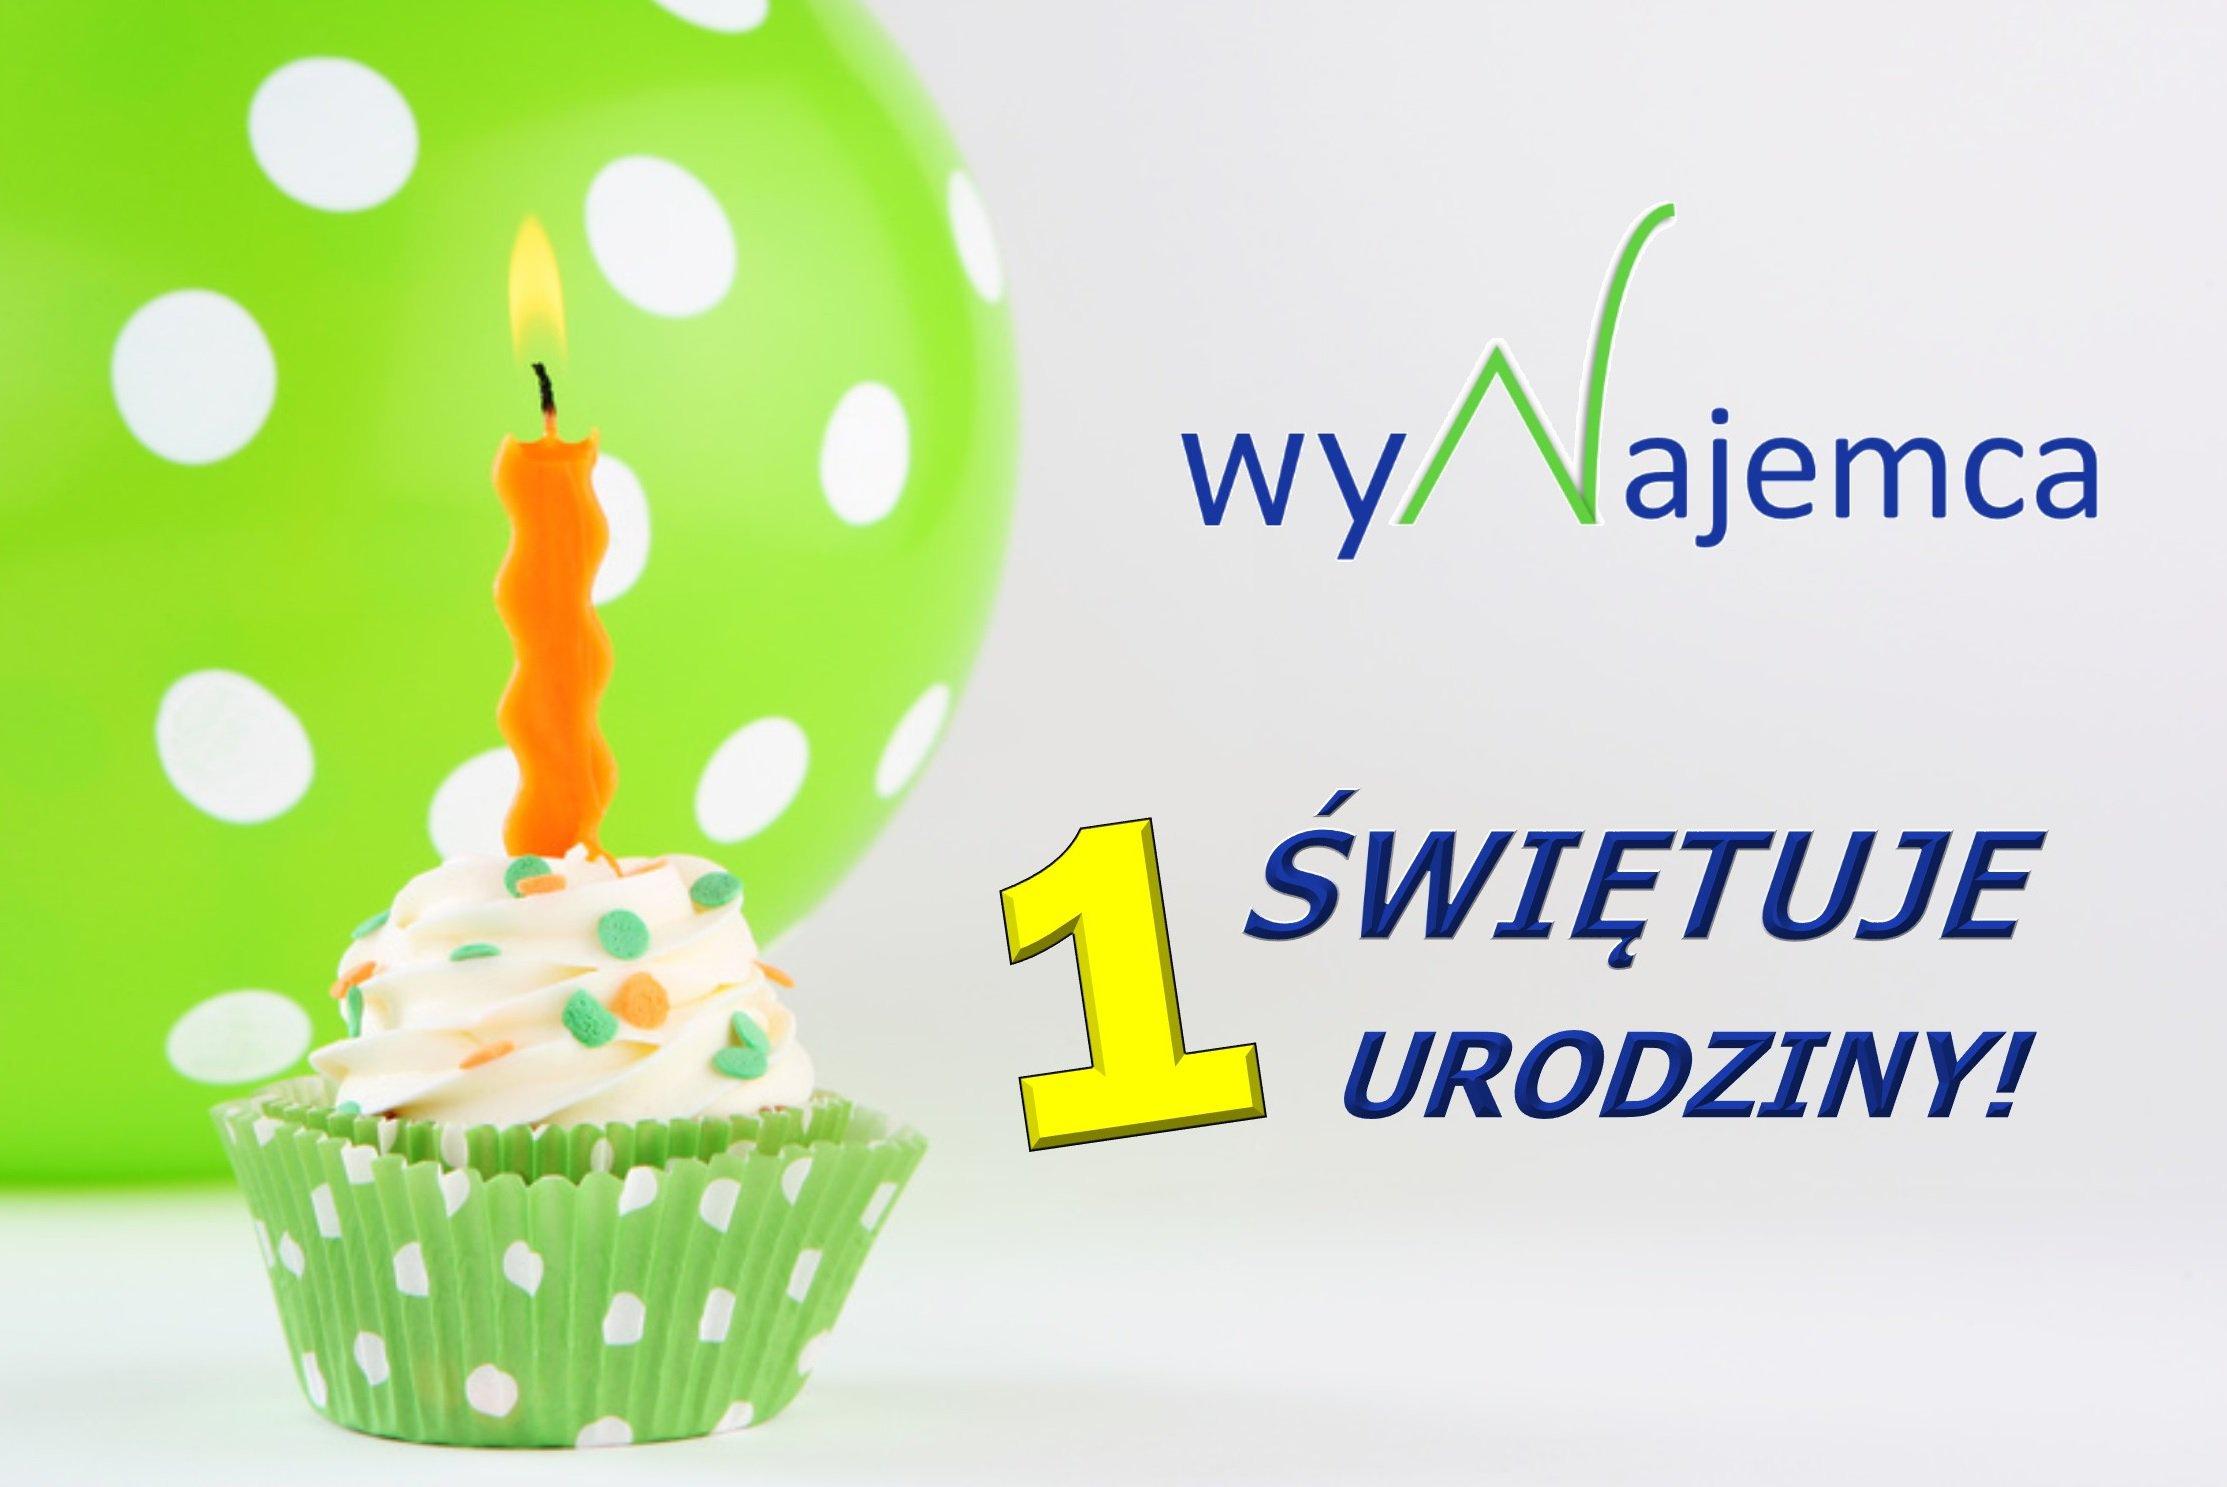 1 urodziny wyNajemcy!